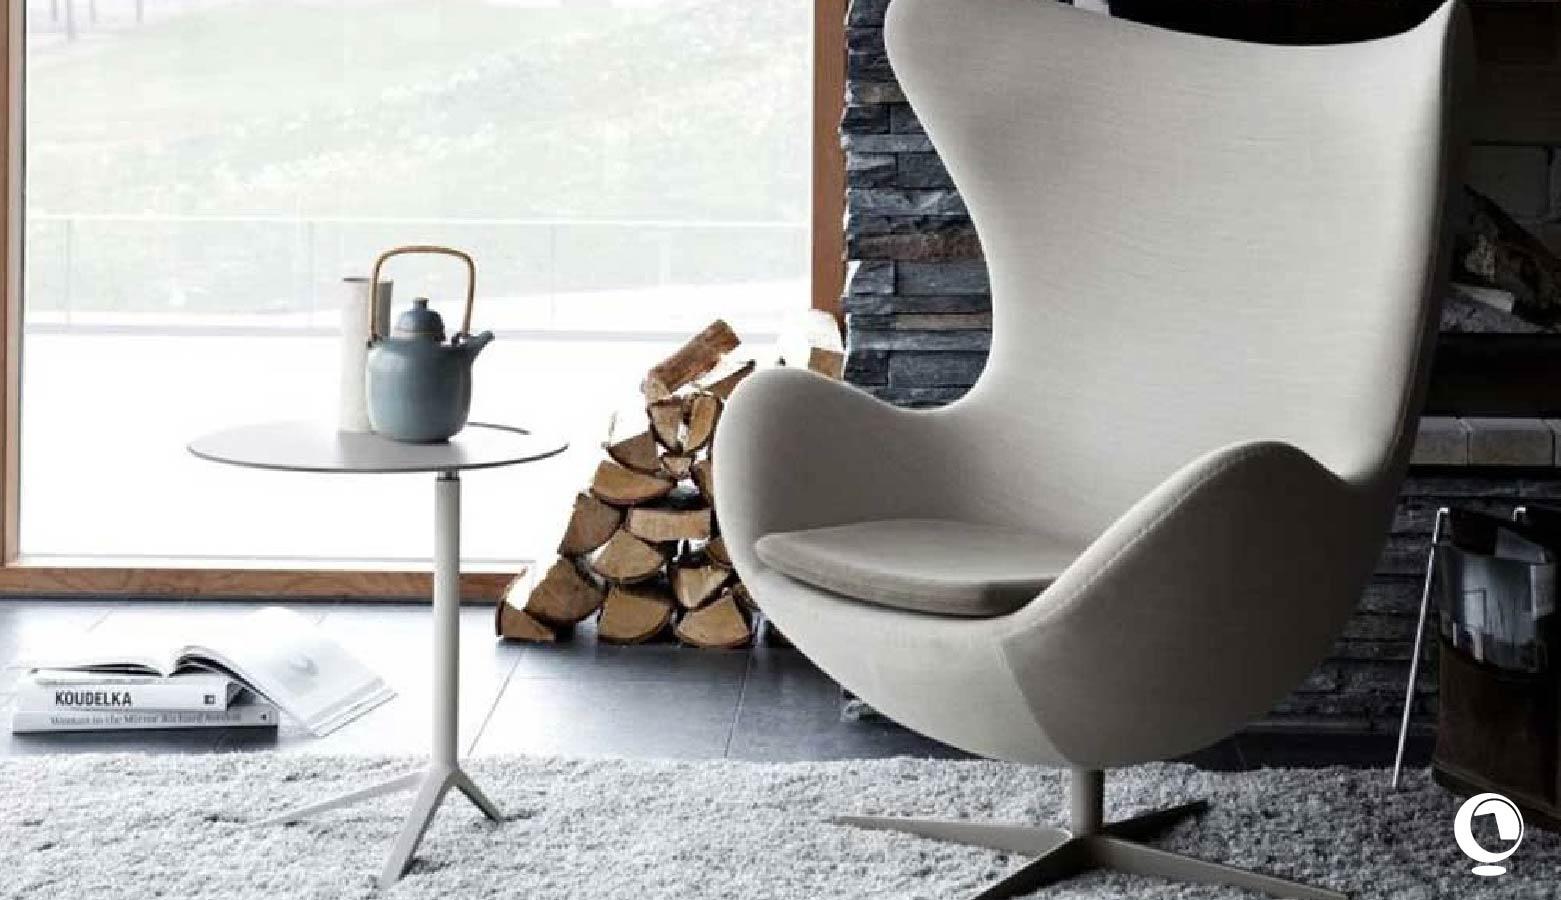 Sedia Egg Chair, la sedia ad uovo di Arne Jacobsen